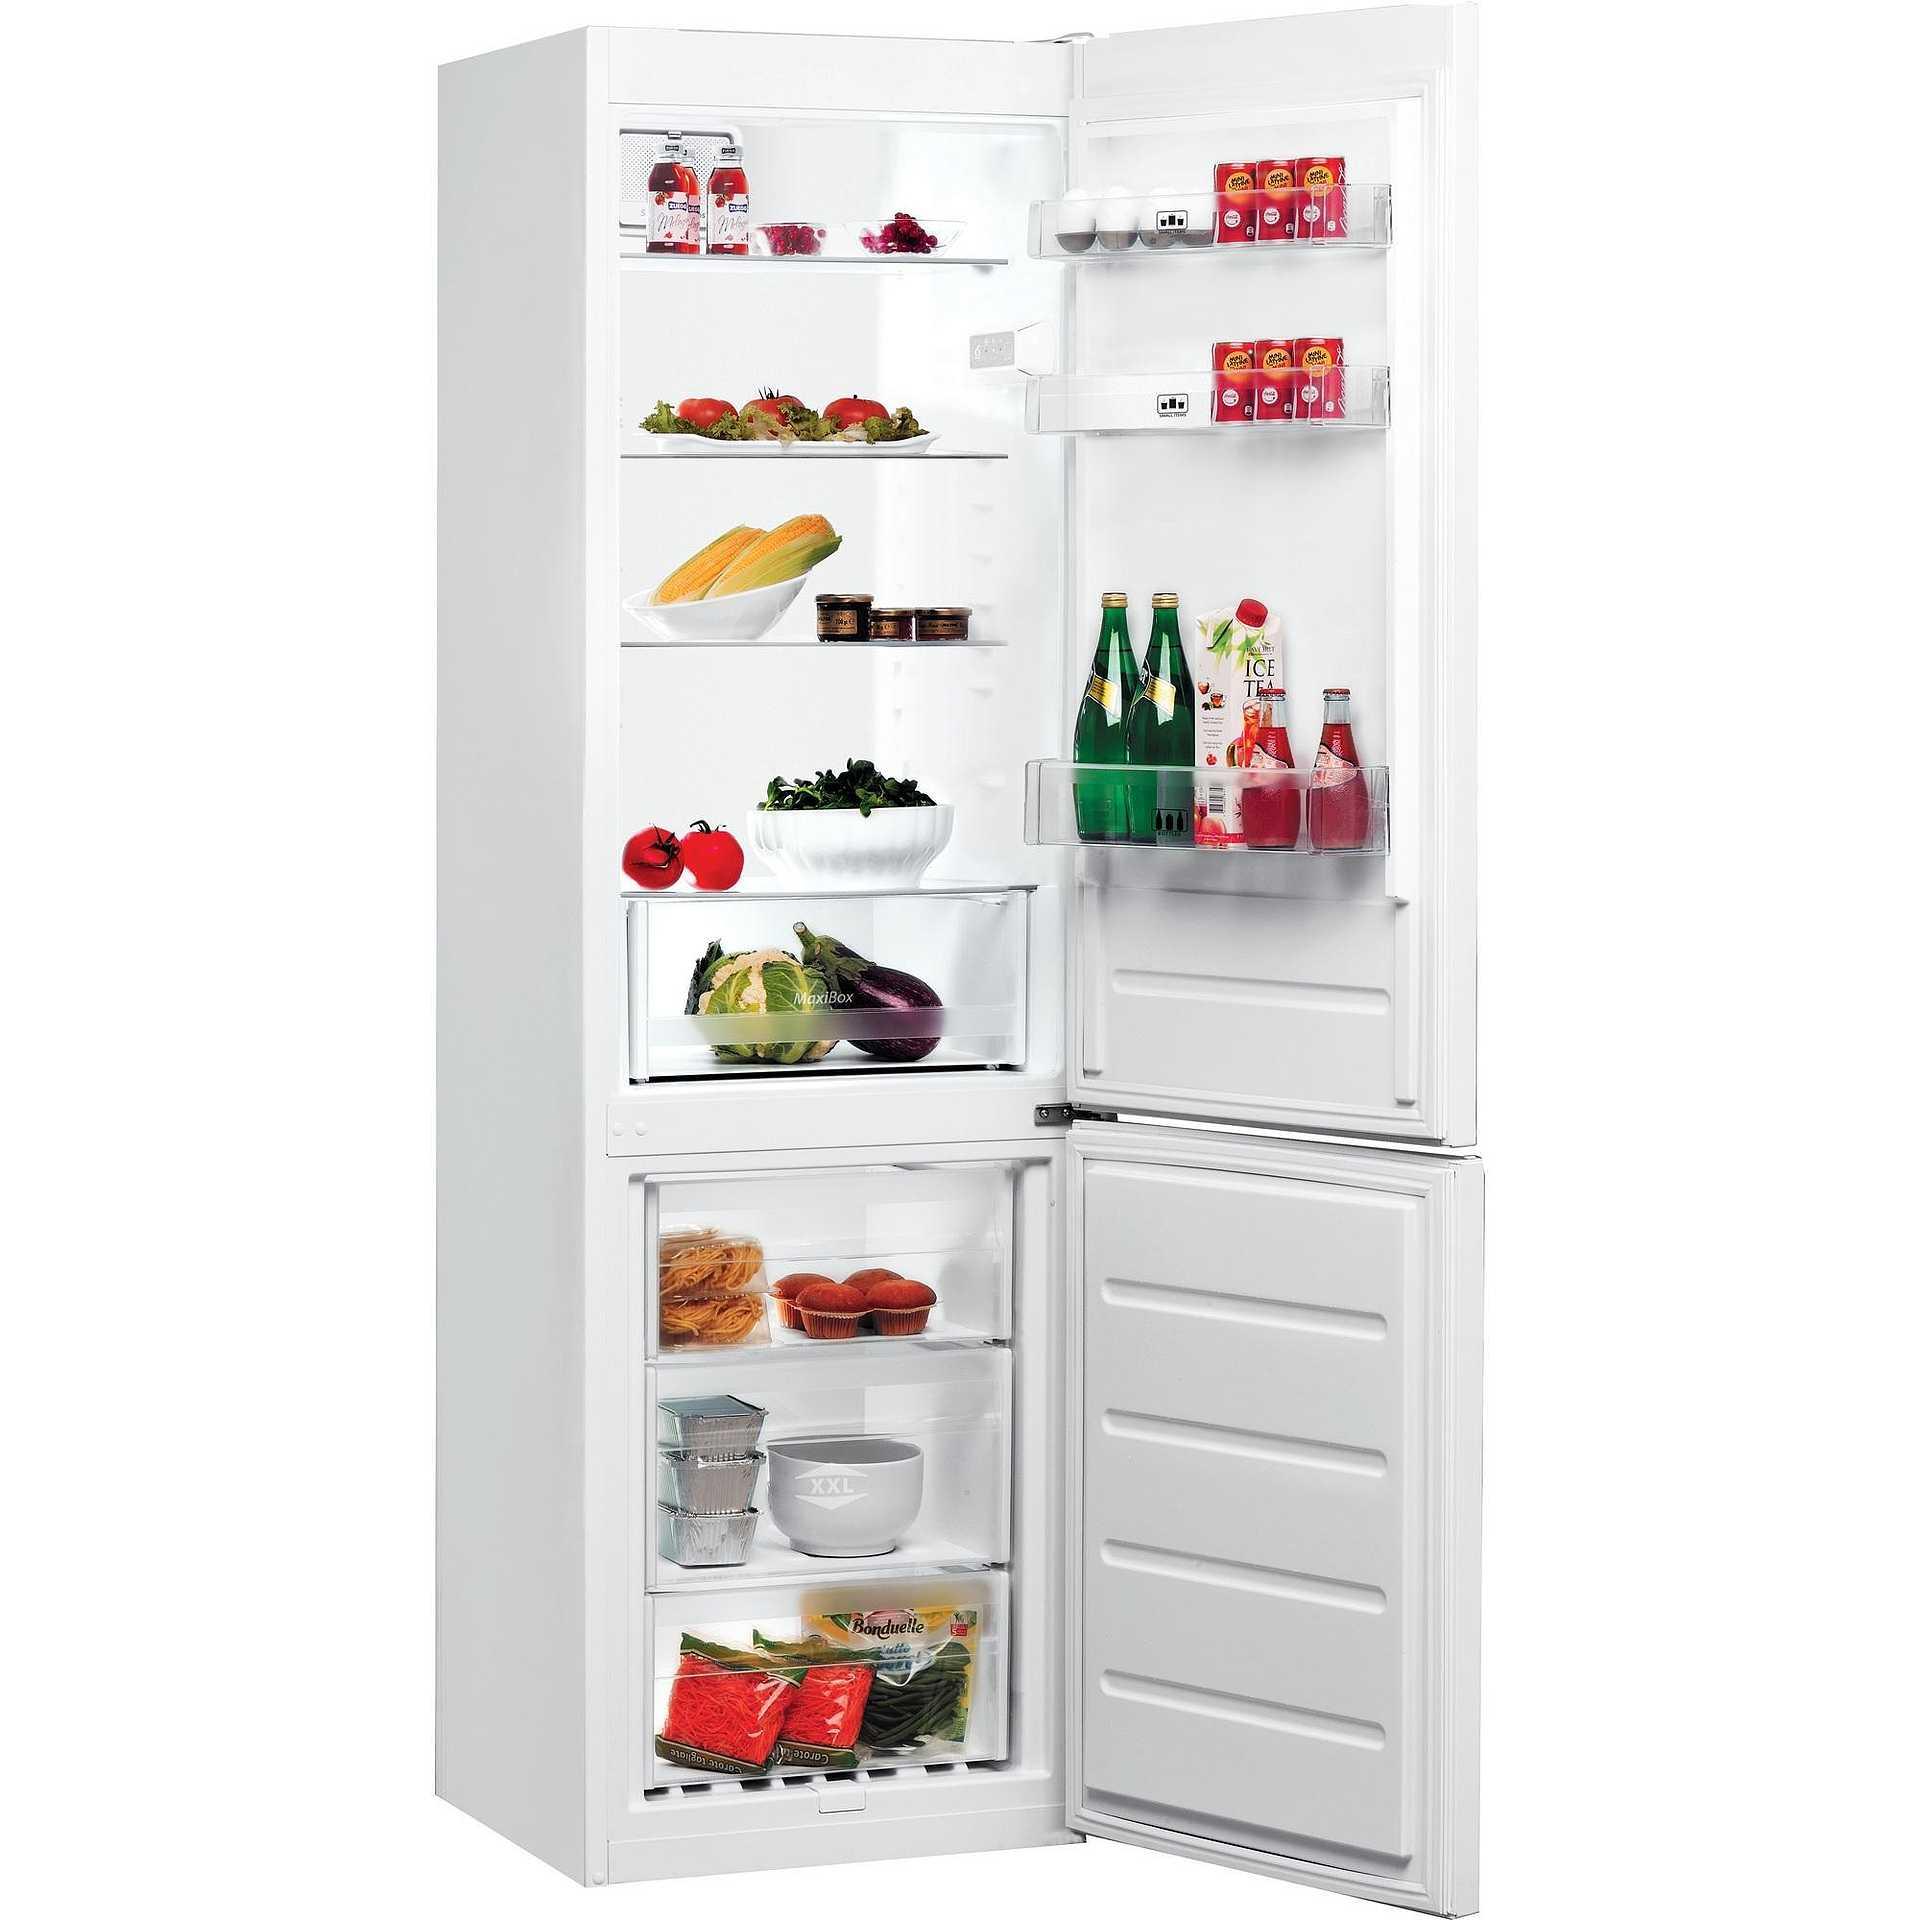 BLFV 8121 W Whirlpool frigorifero combinato 338 litri classe A+ ...